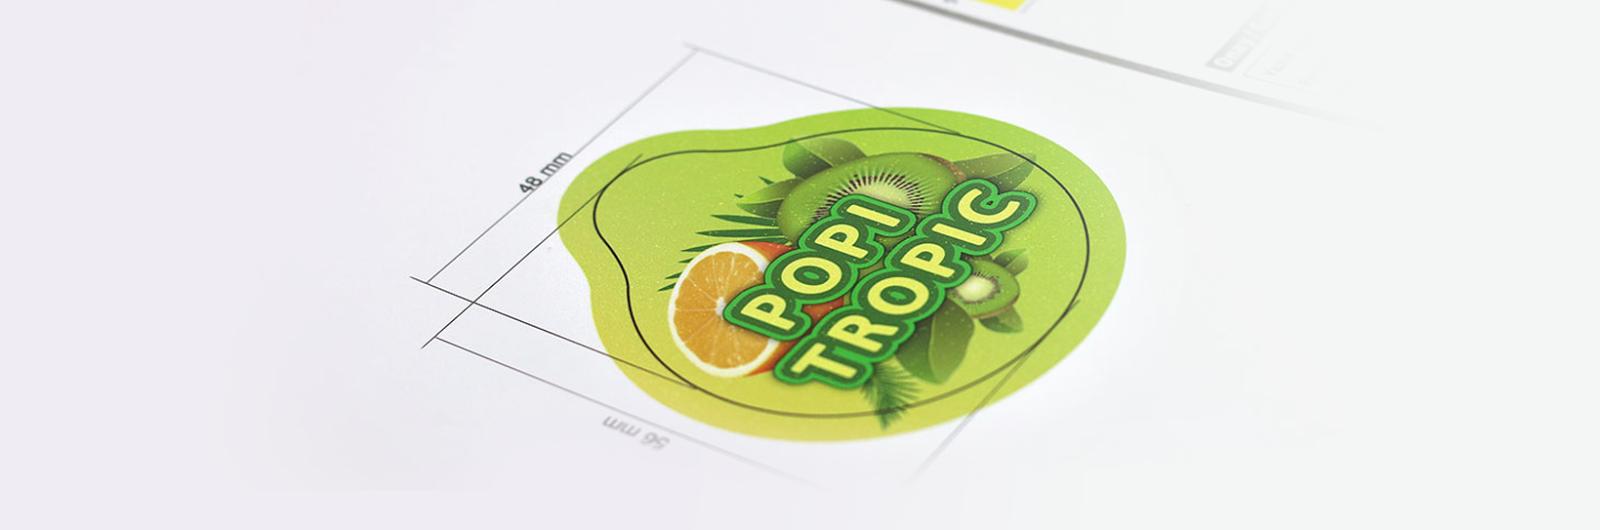 Thiết kế bao bì sản phẩm Popi Tropic